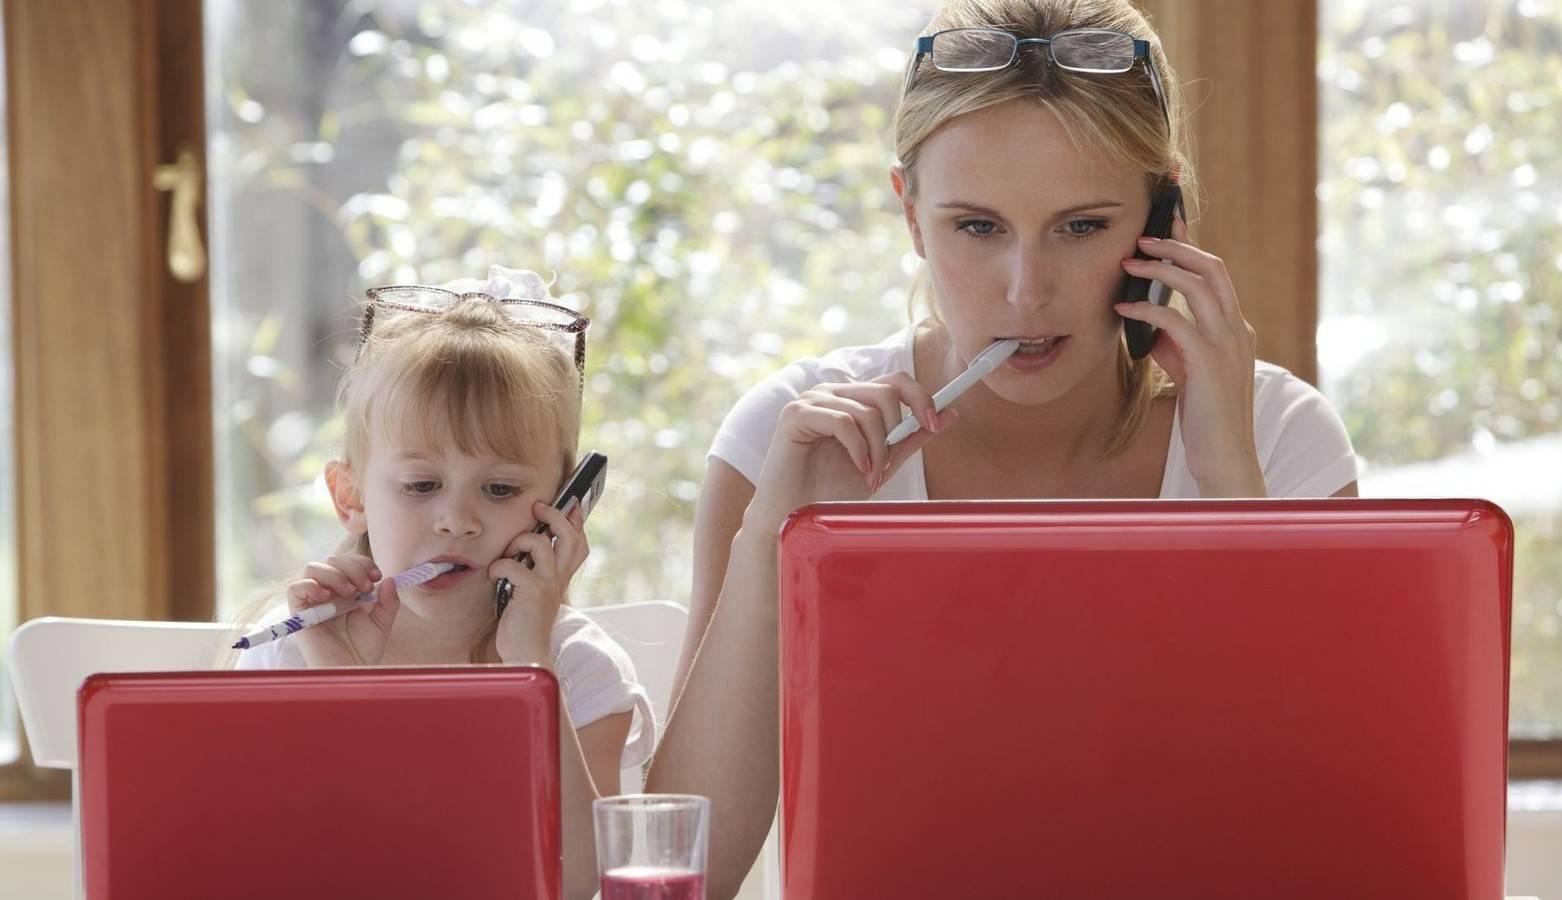 Смотреть Как совместить воспитание ребенка и карьеру видео